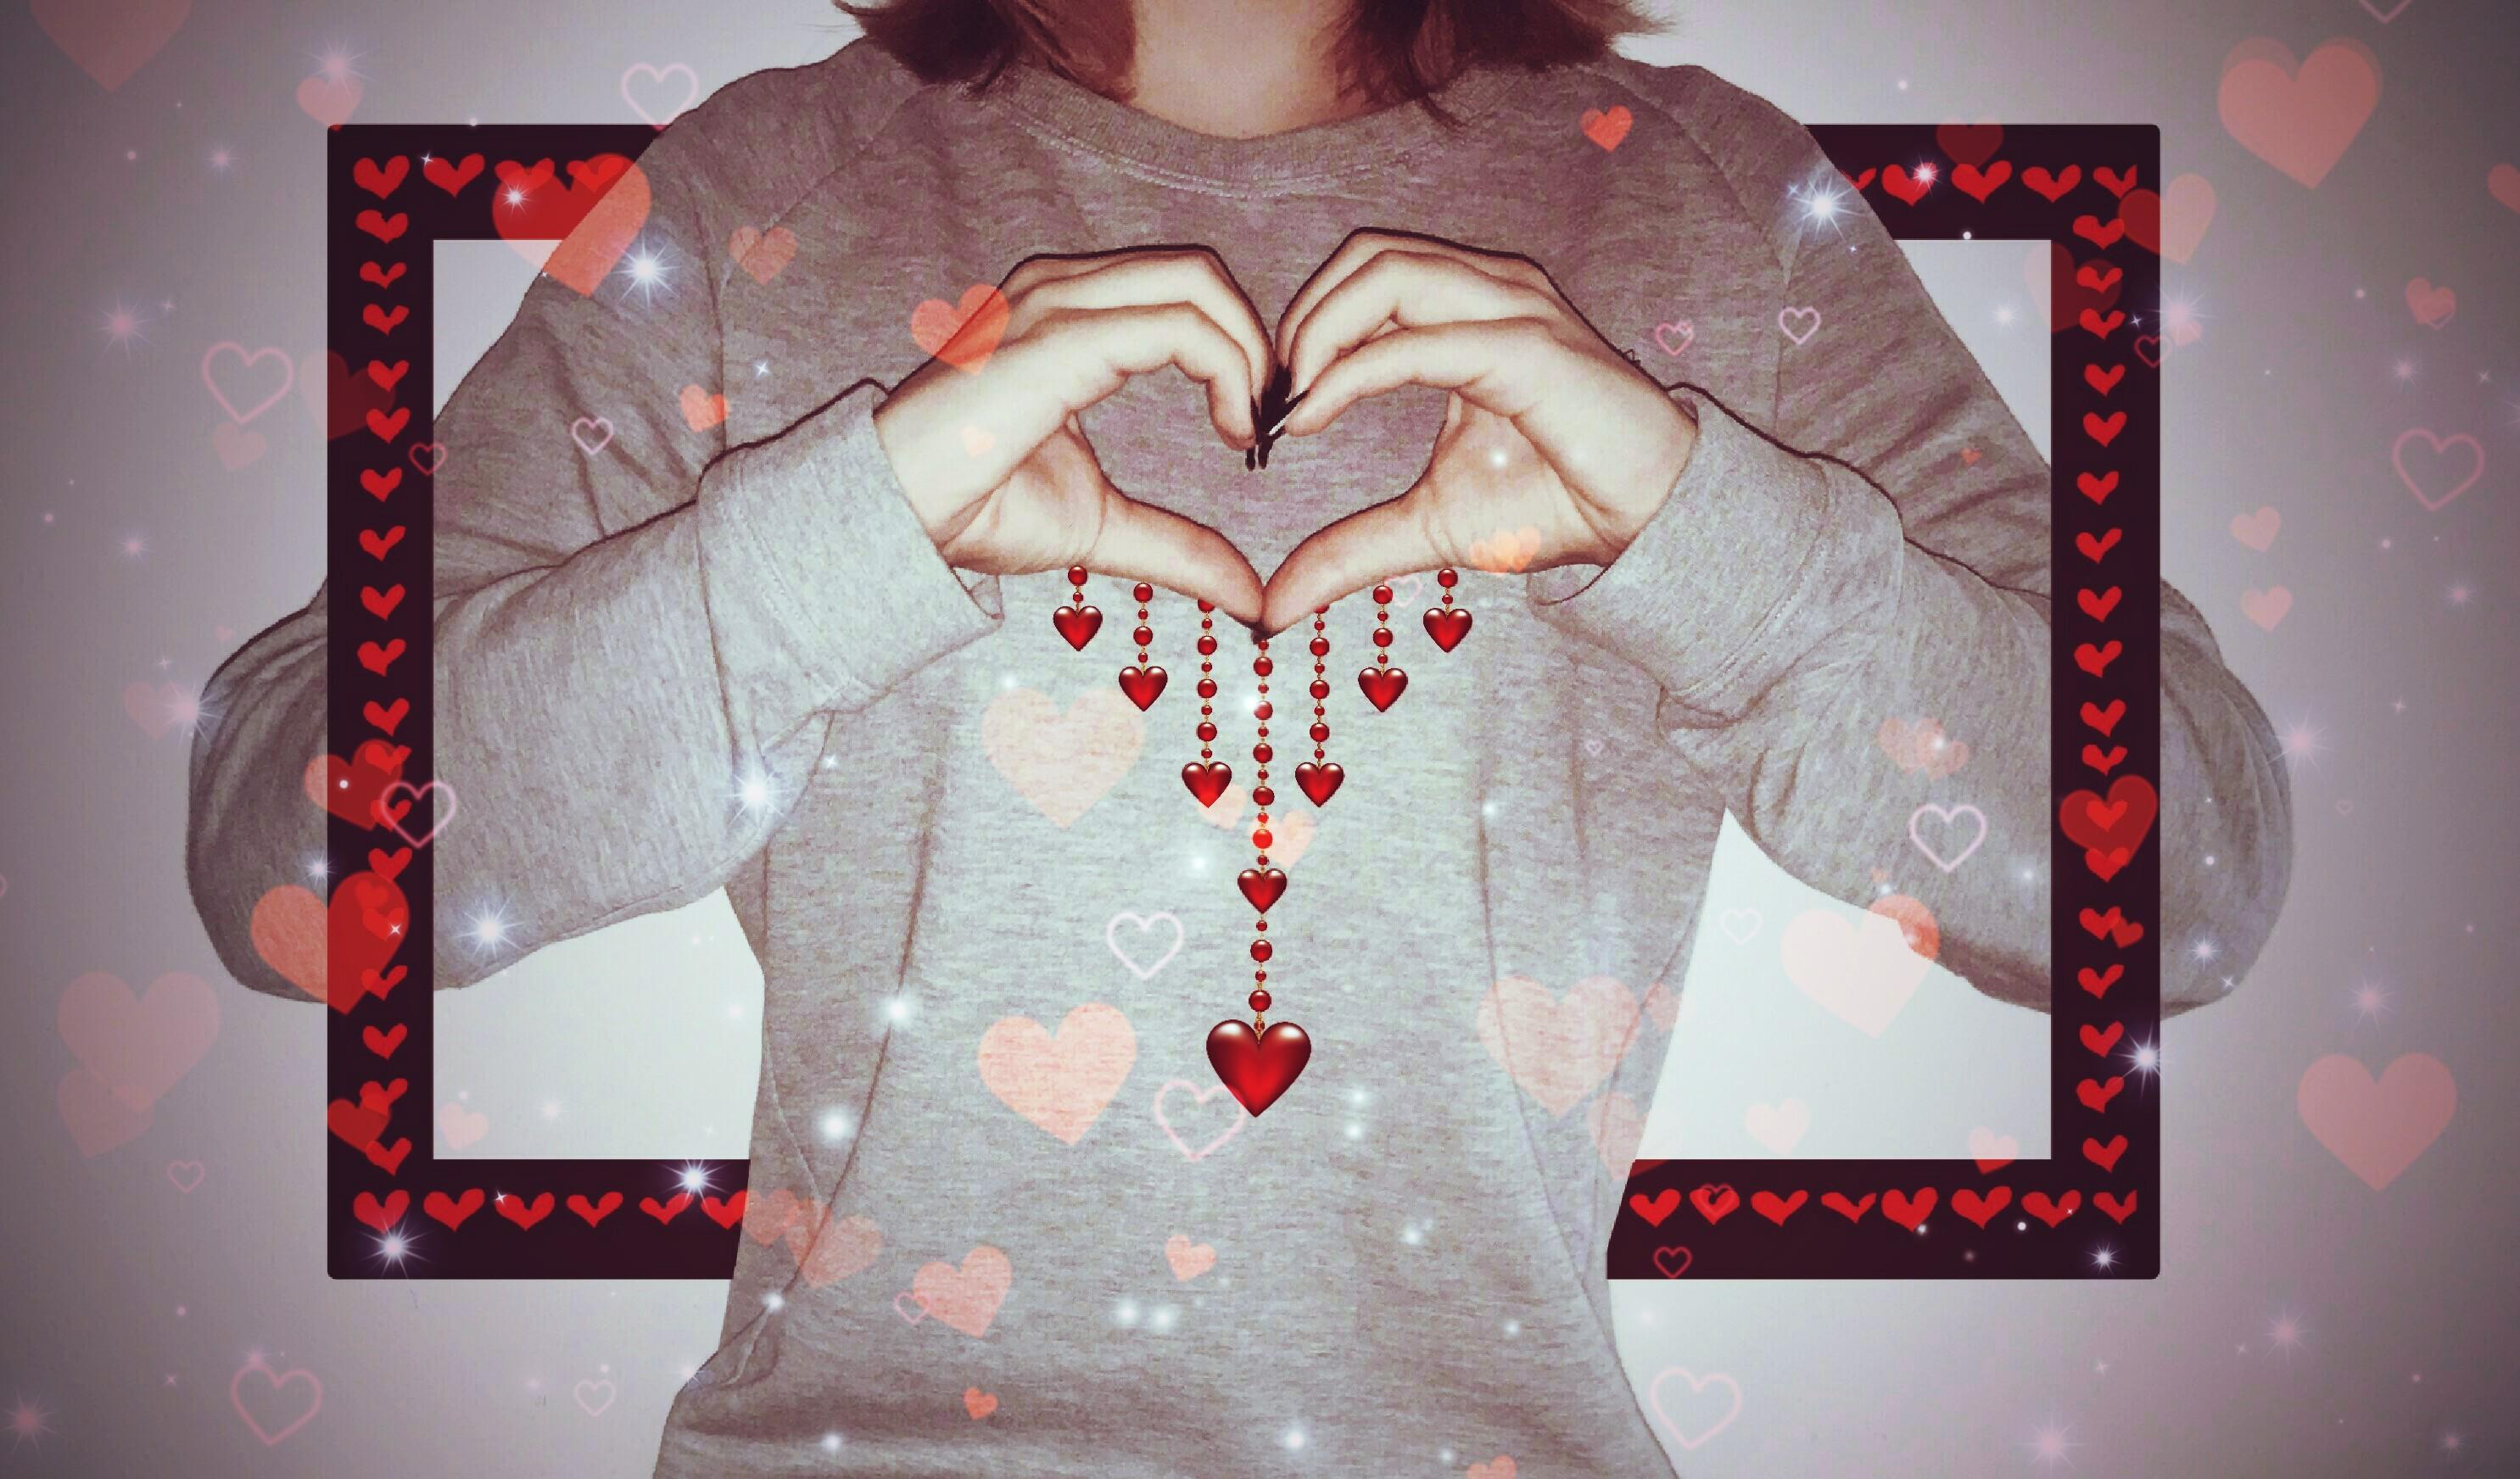 #freetoedit #vipbrushtool #madewithpicsart #valentines